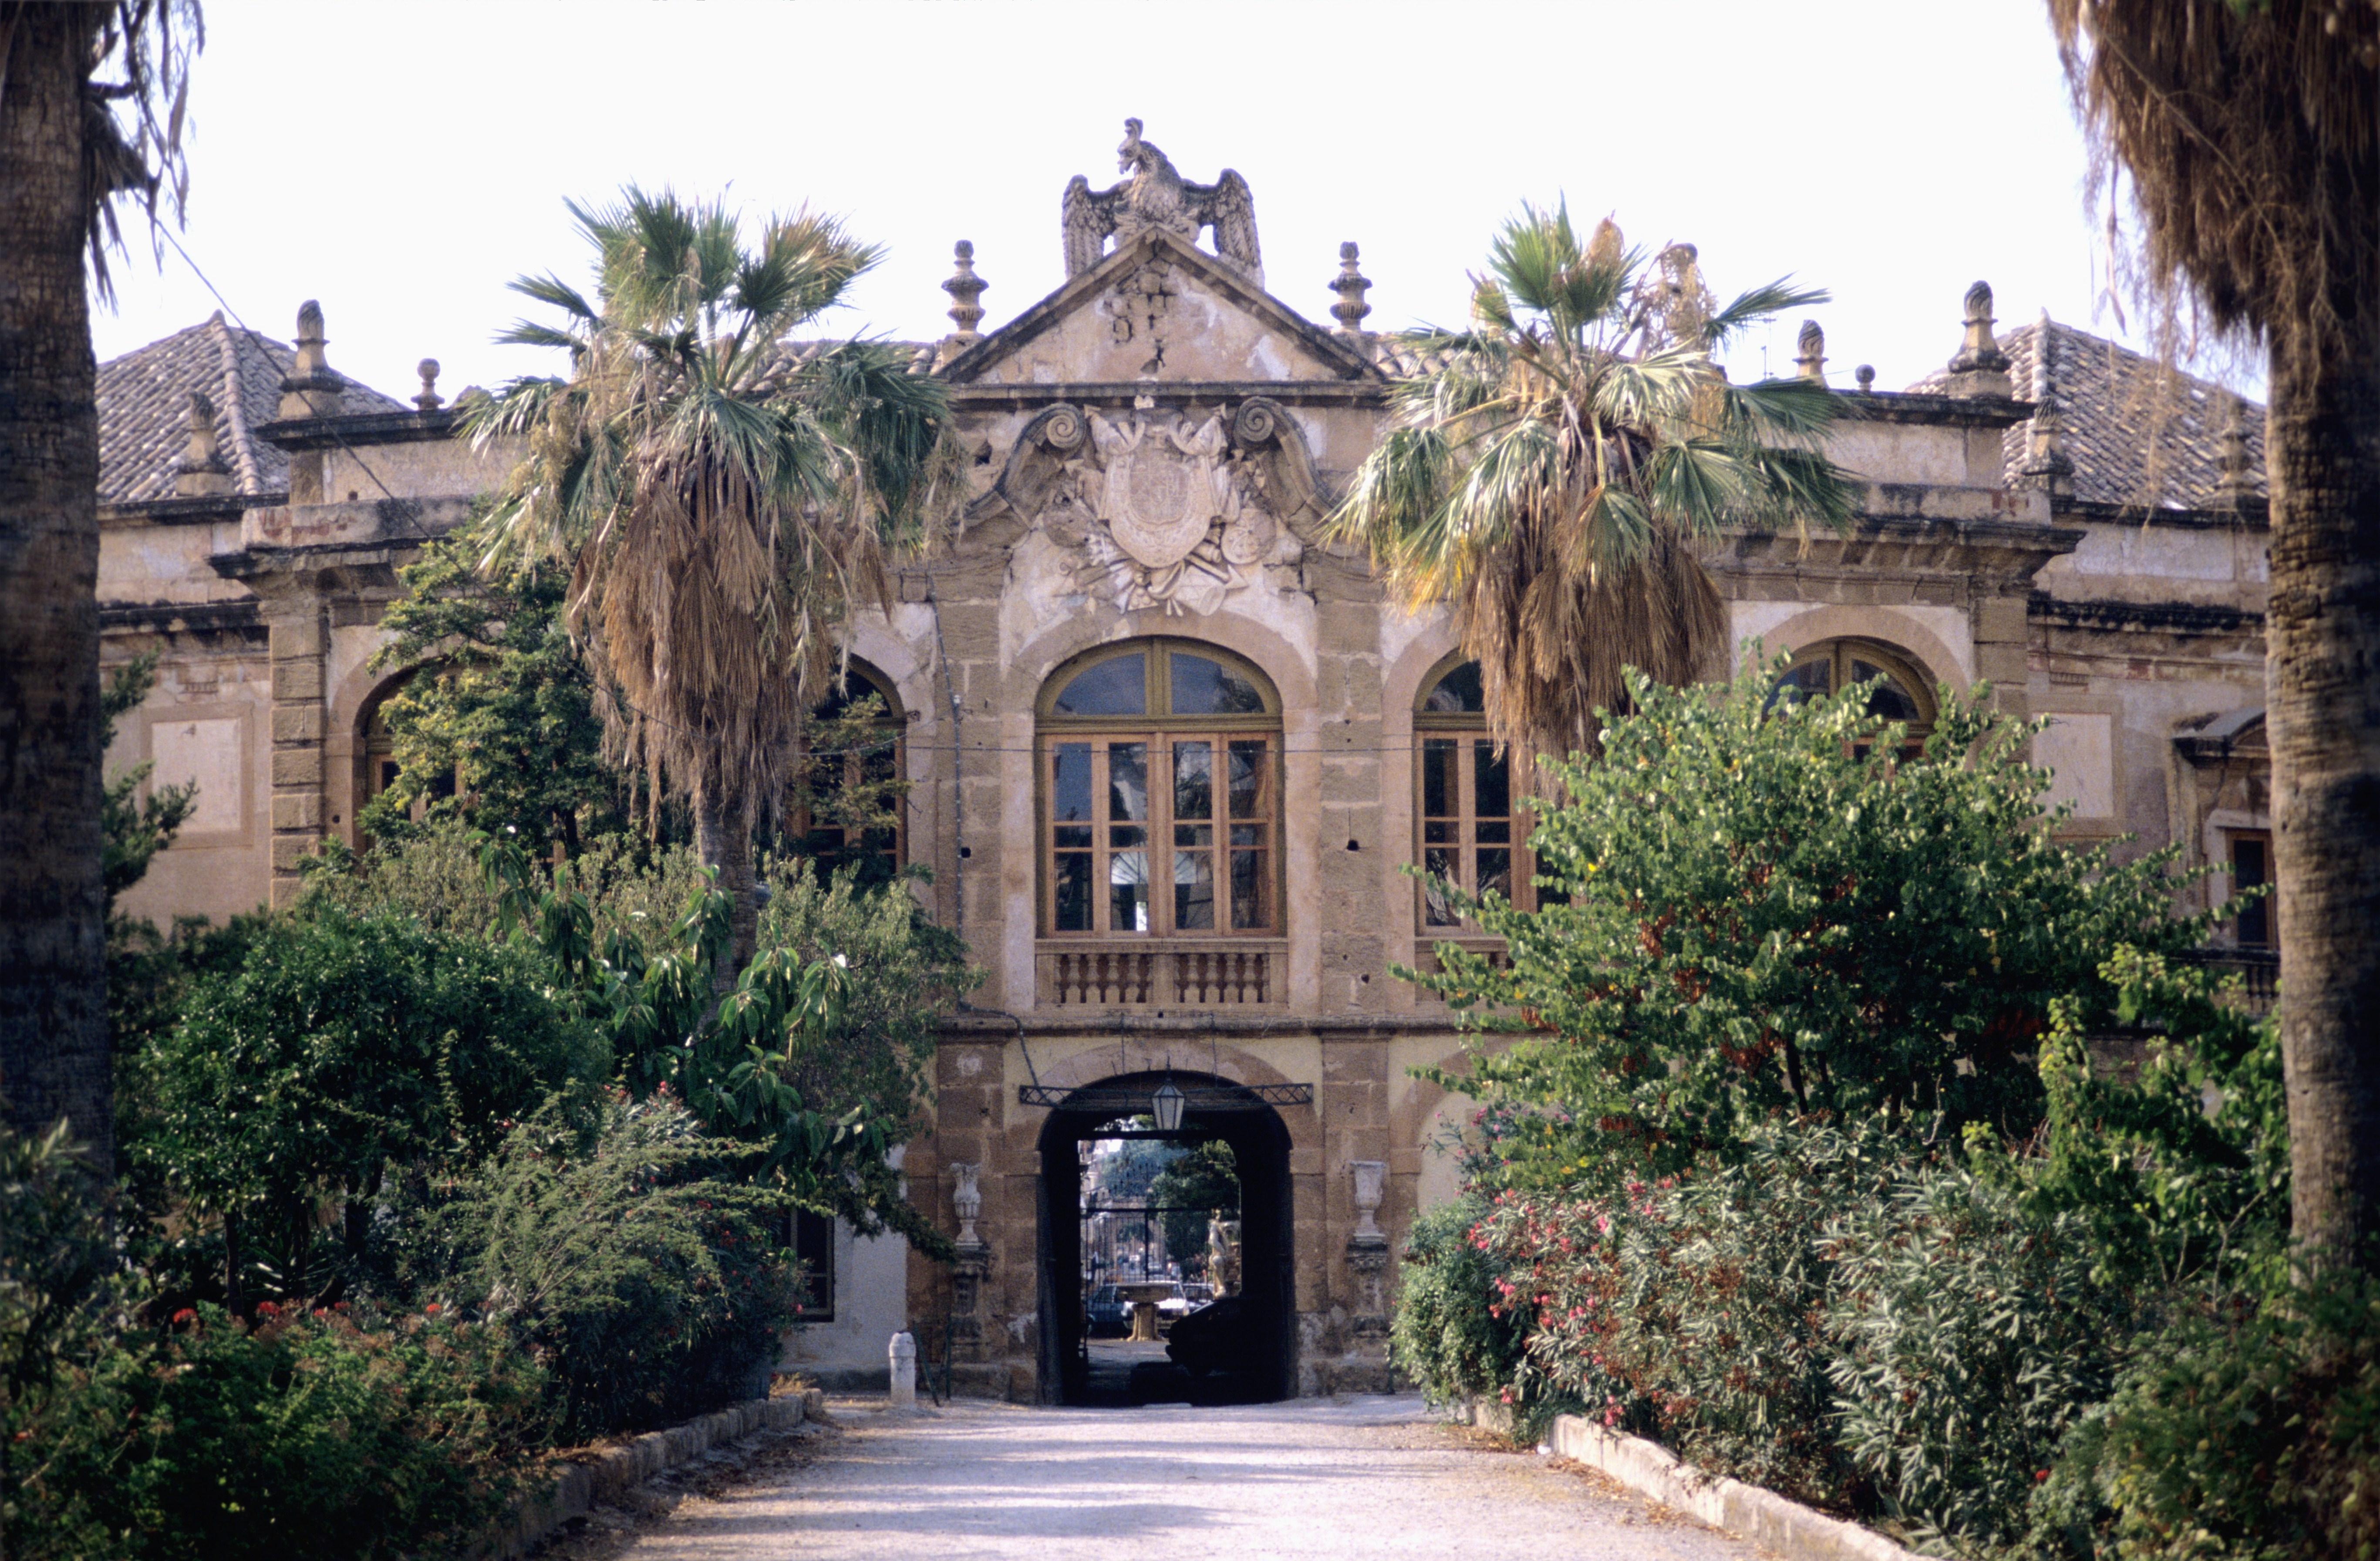 Villa Palagonia detta anche Villa dei Mostri